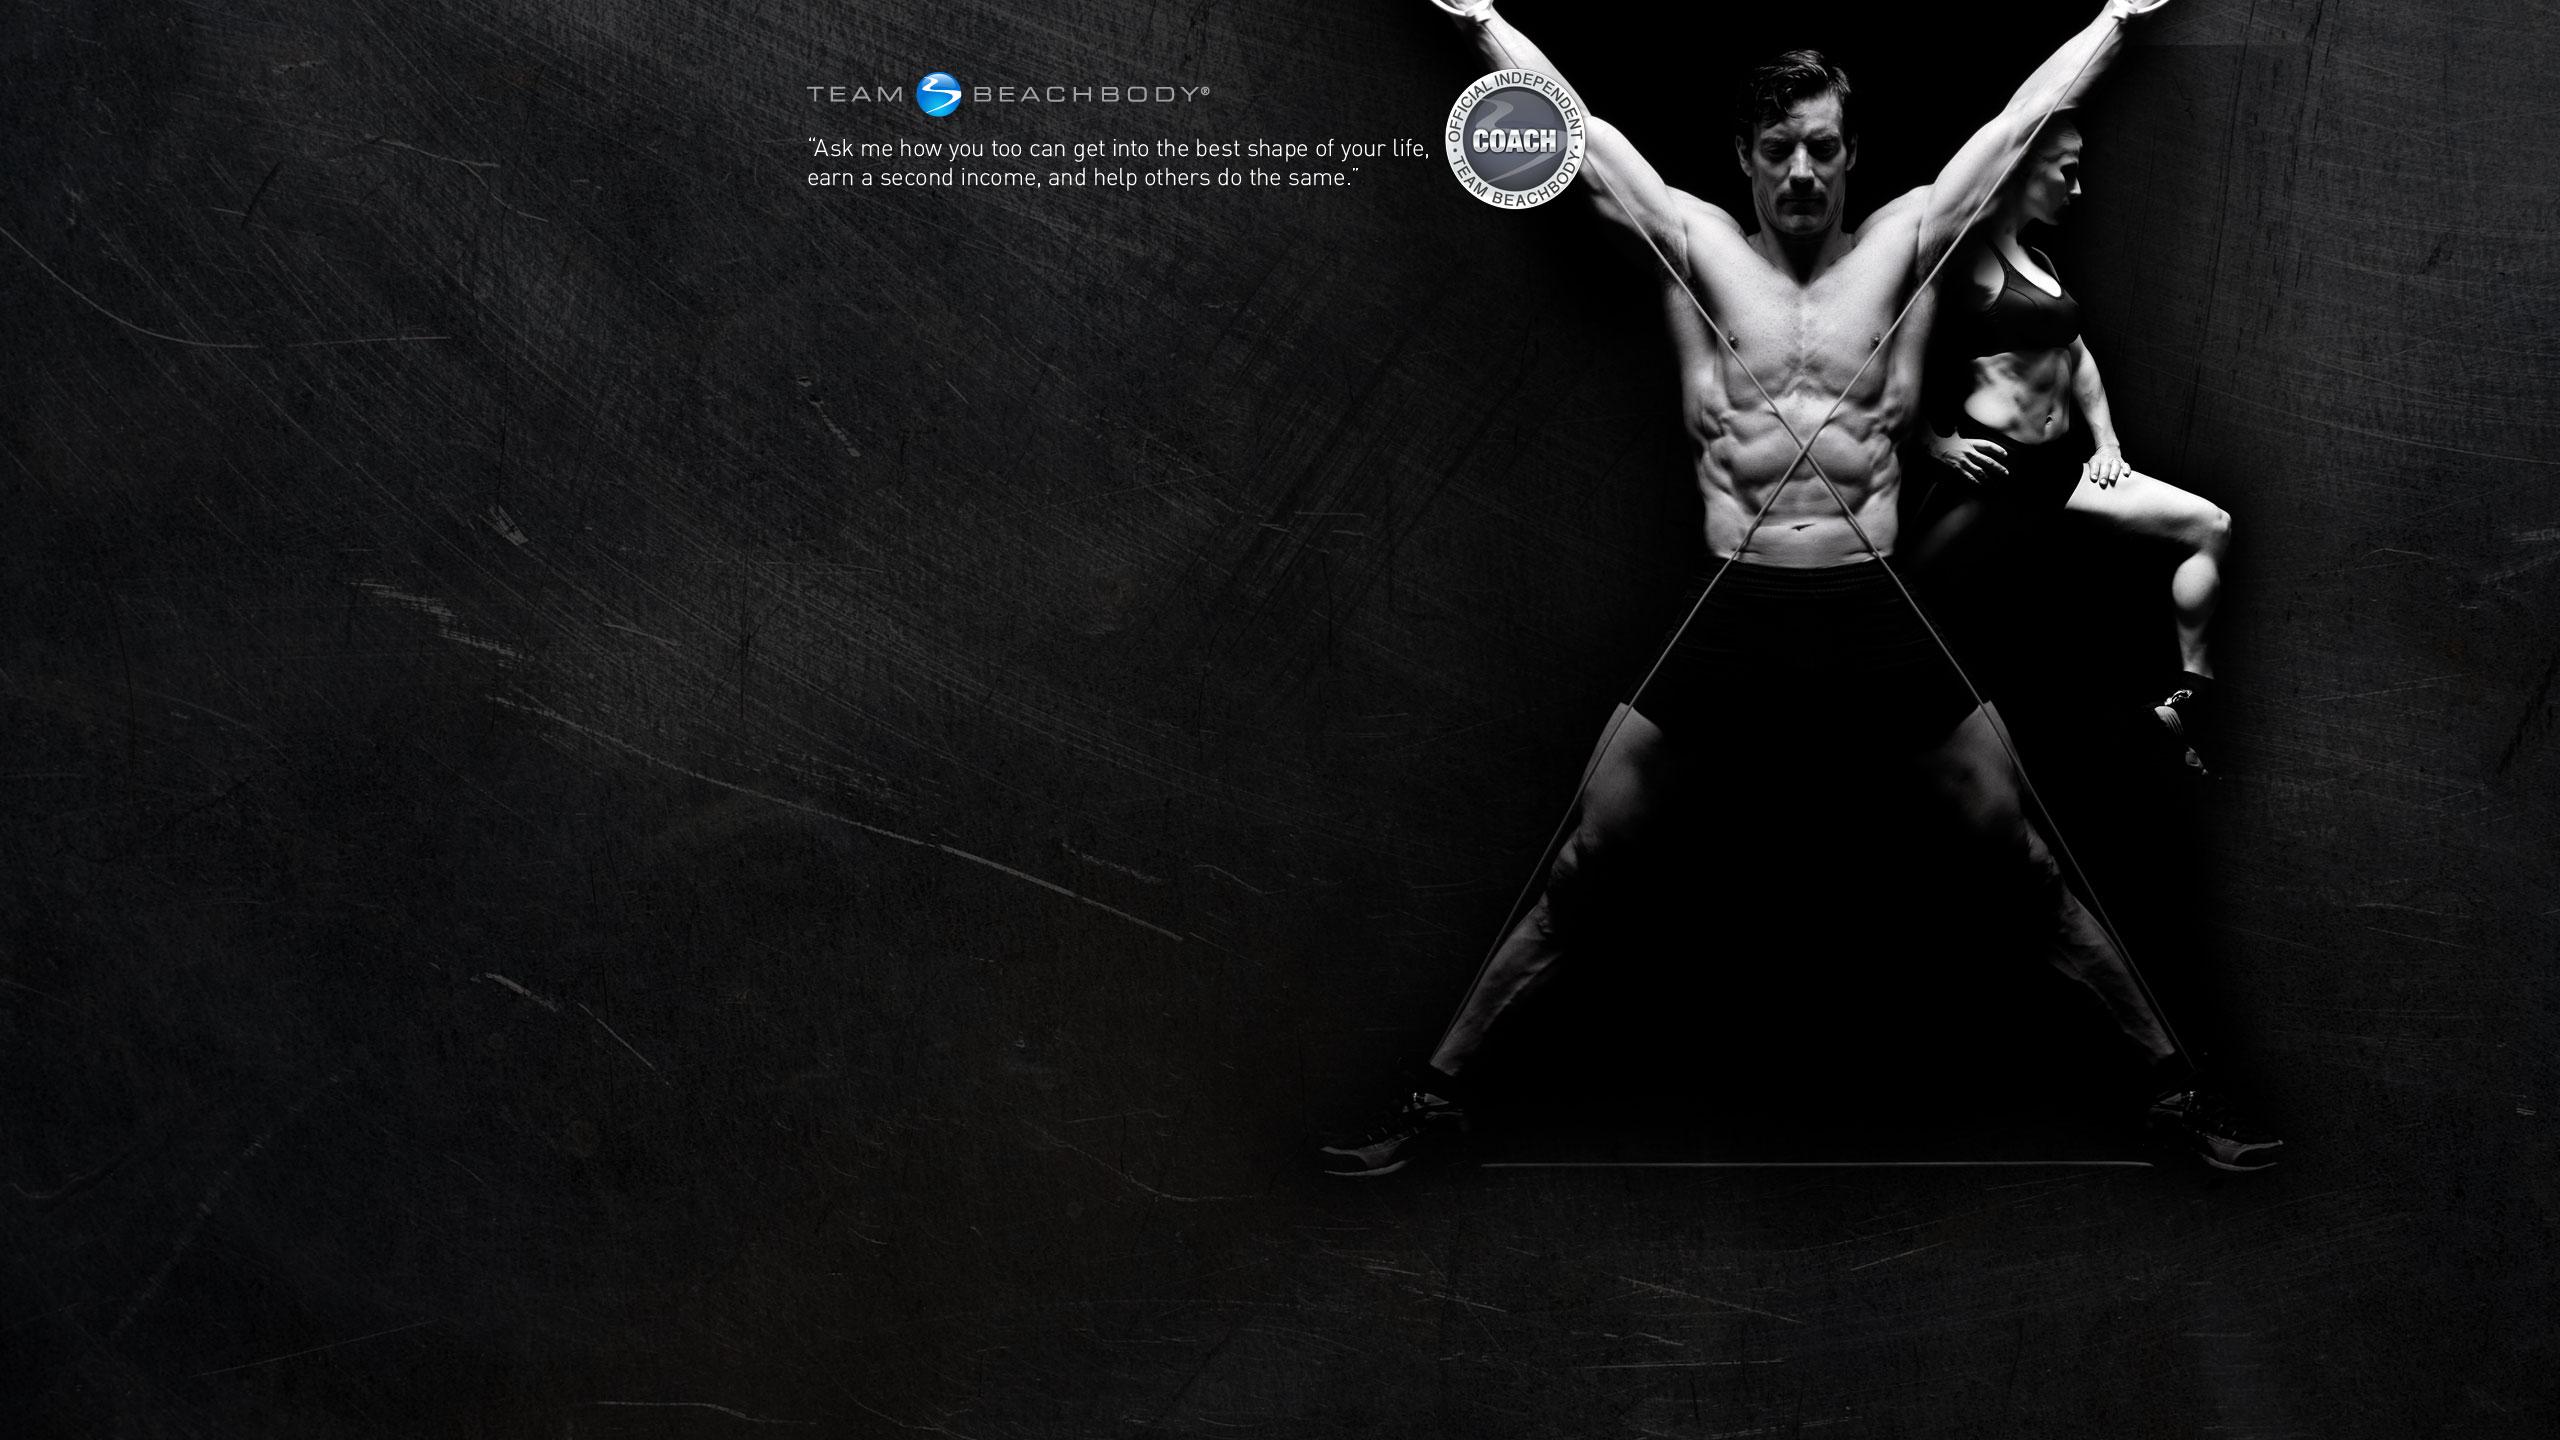 Fitness Wallpapers 24 Desktop Background 2560x1440